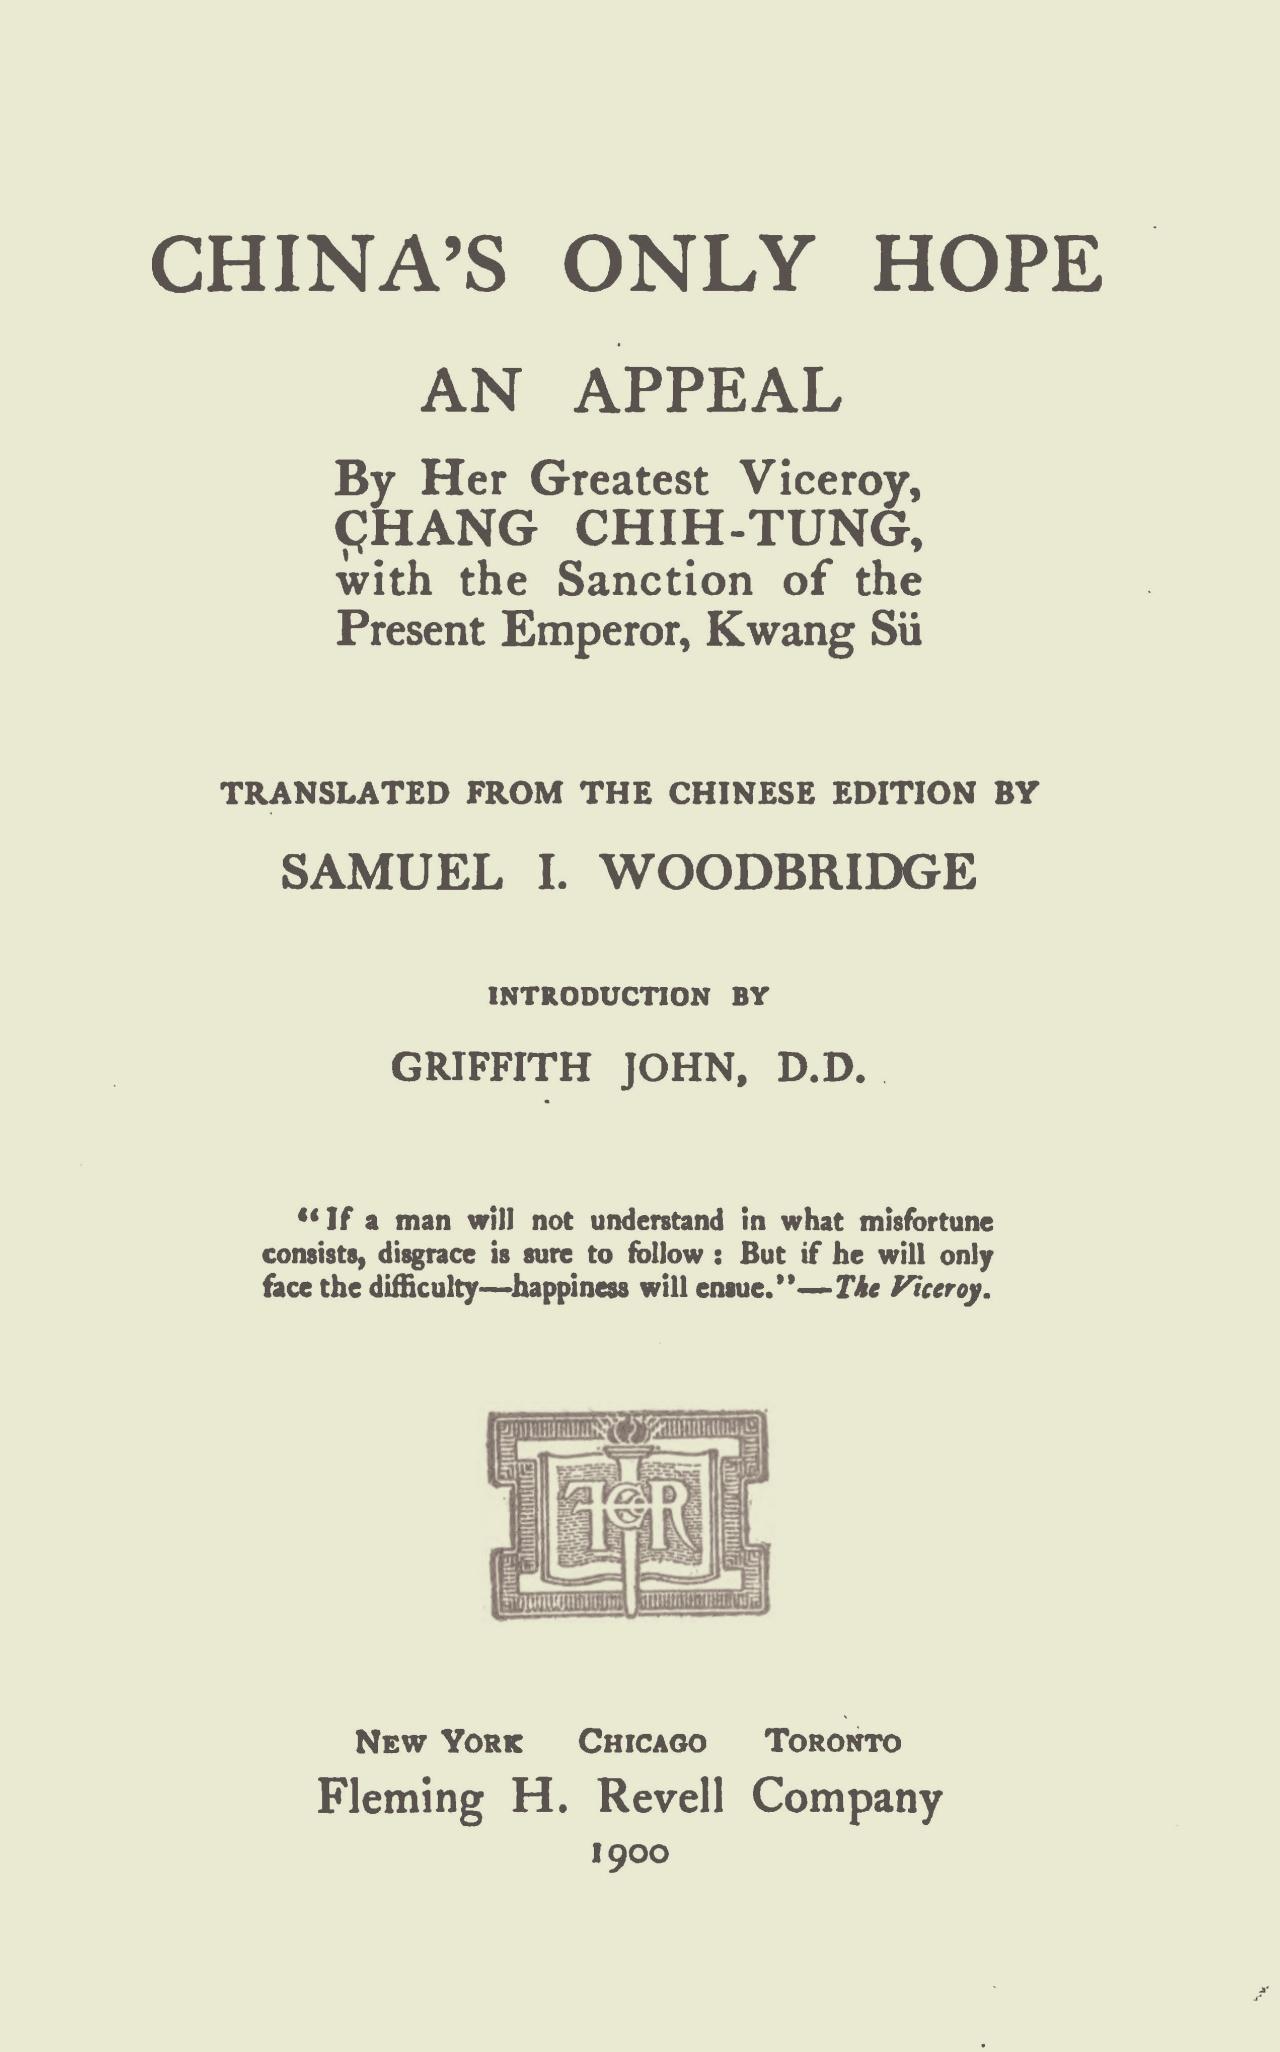 Woodbridge, Sr., Samuel Isett, China's Only Hope Title Page.jpg